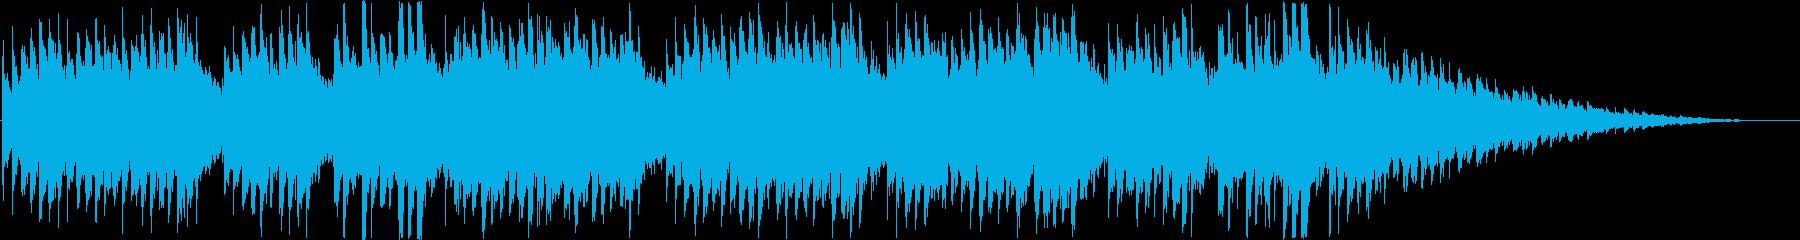 美しく悲しい情景の変拍子BGMの再生済みの波形